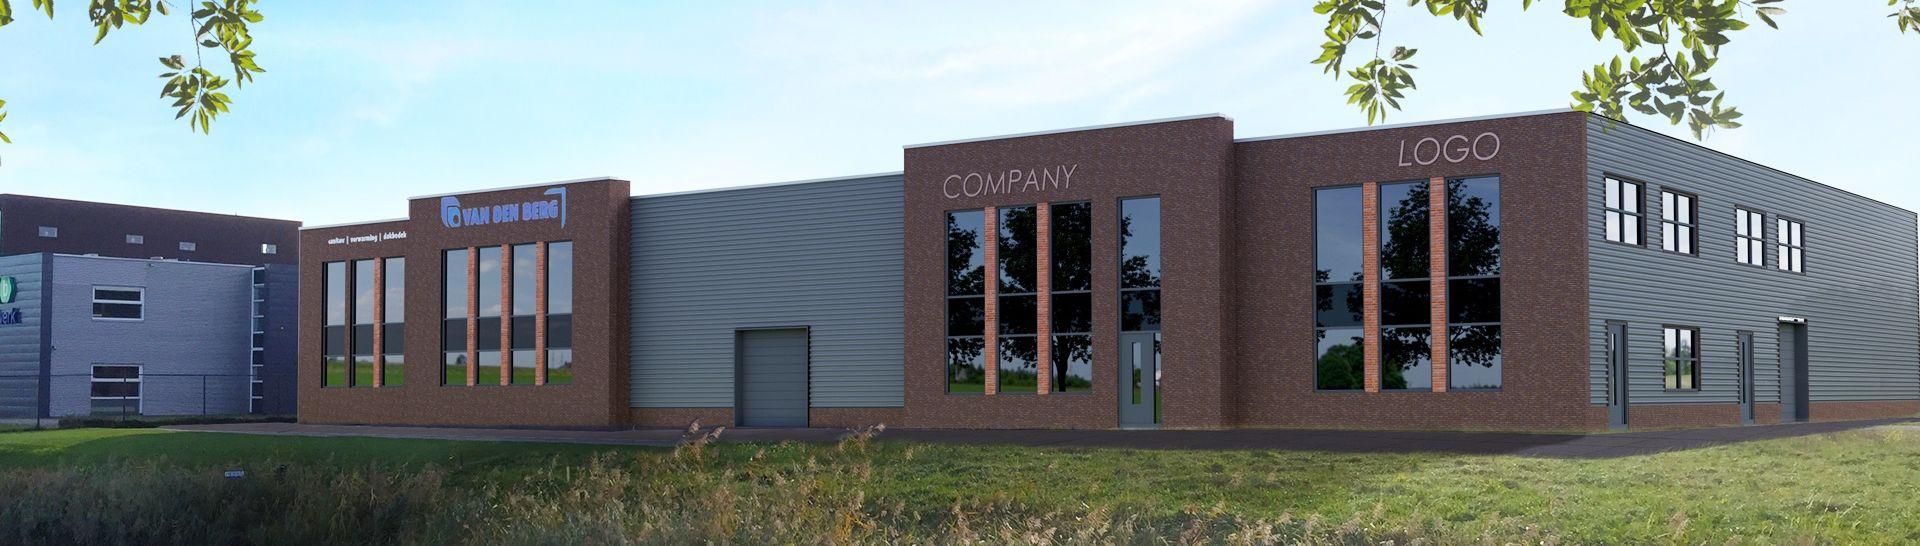 Van den Berg bouwt nieuw en is op zoek naar nieuwe buren!